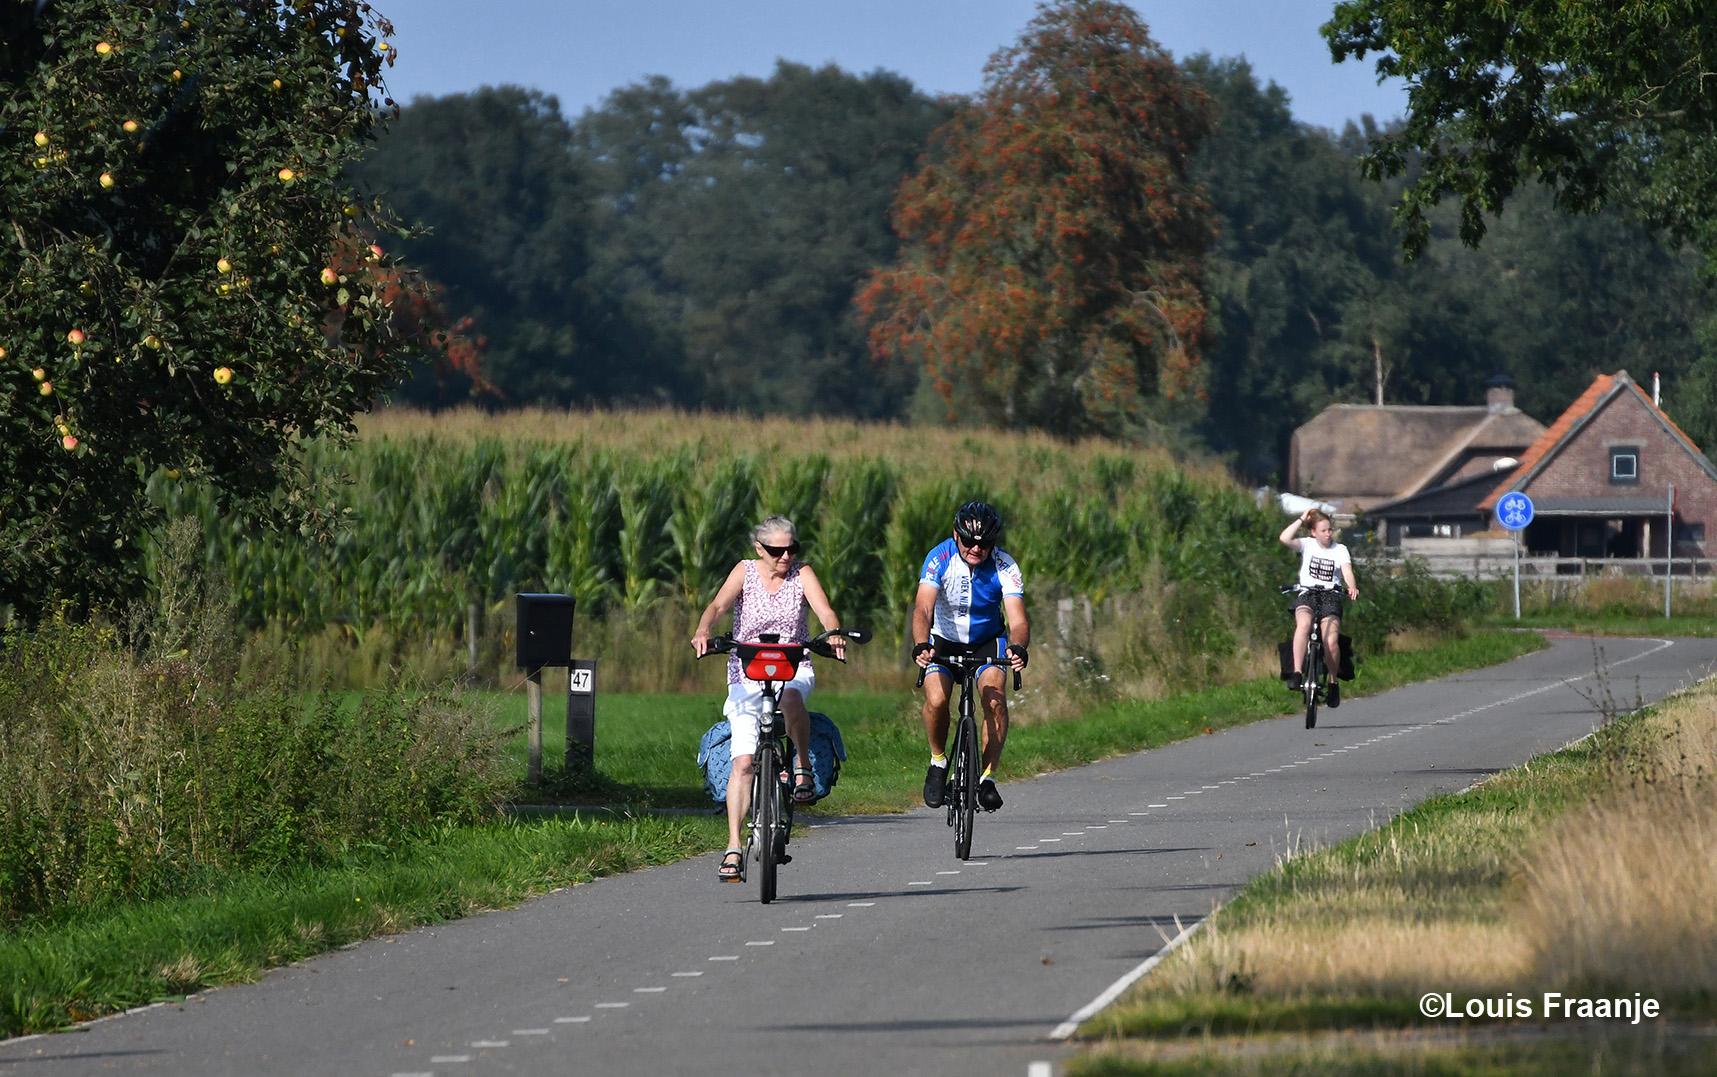 Hier wordt Fransien op de Kootwijkerbroekerweg ingehaald door een snelle fietser uit Barneveld - Foto: ©Louis Fraanje